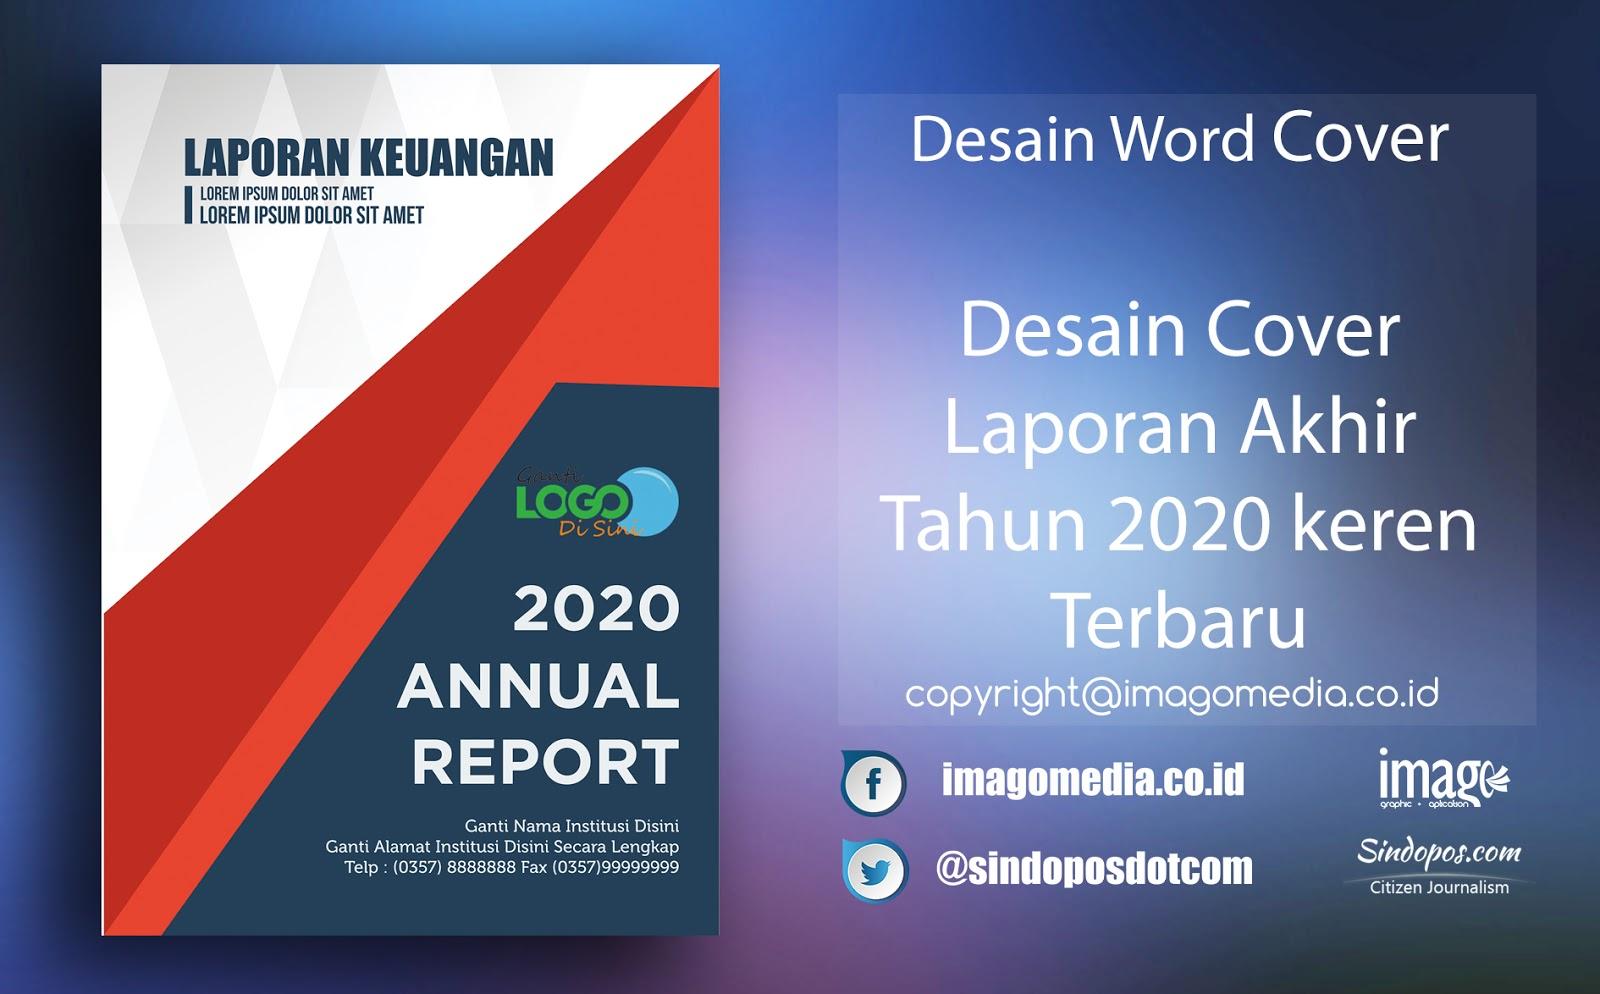 Download Artistik Desain Cover Laporan 2020 Keren Terbaru Imago Media Home Of Creativity